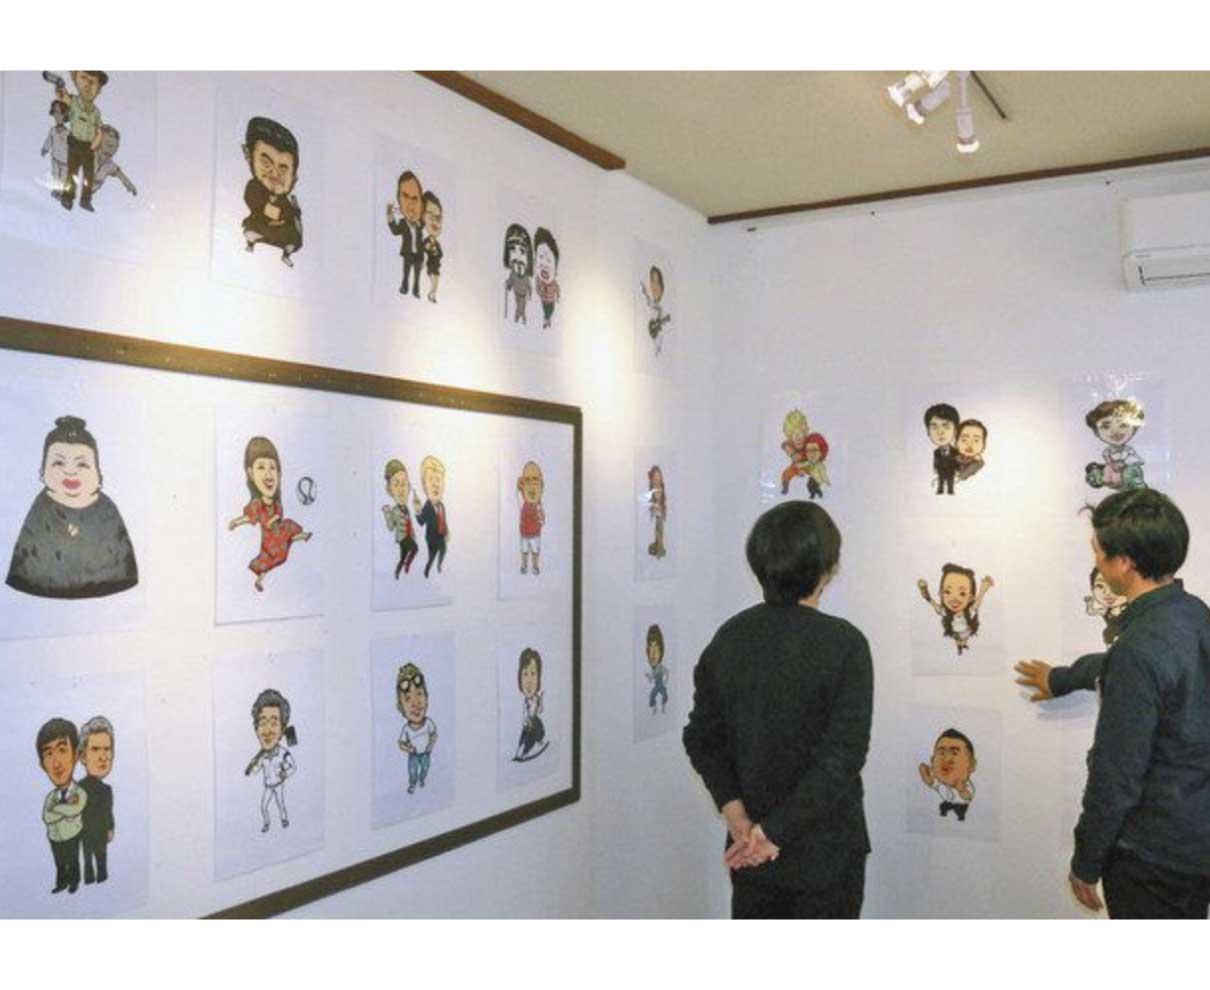 人柄伝わる似顔絵展 高浜の山本さん 「協力隊の私覚えて」